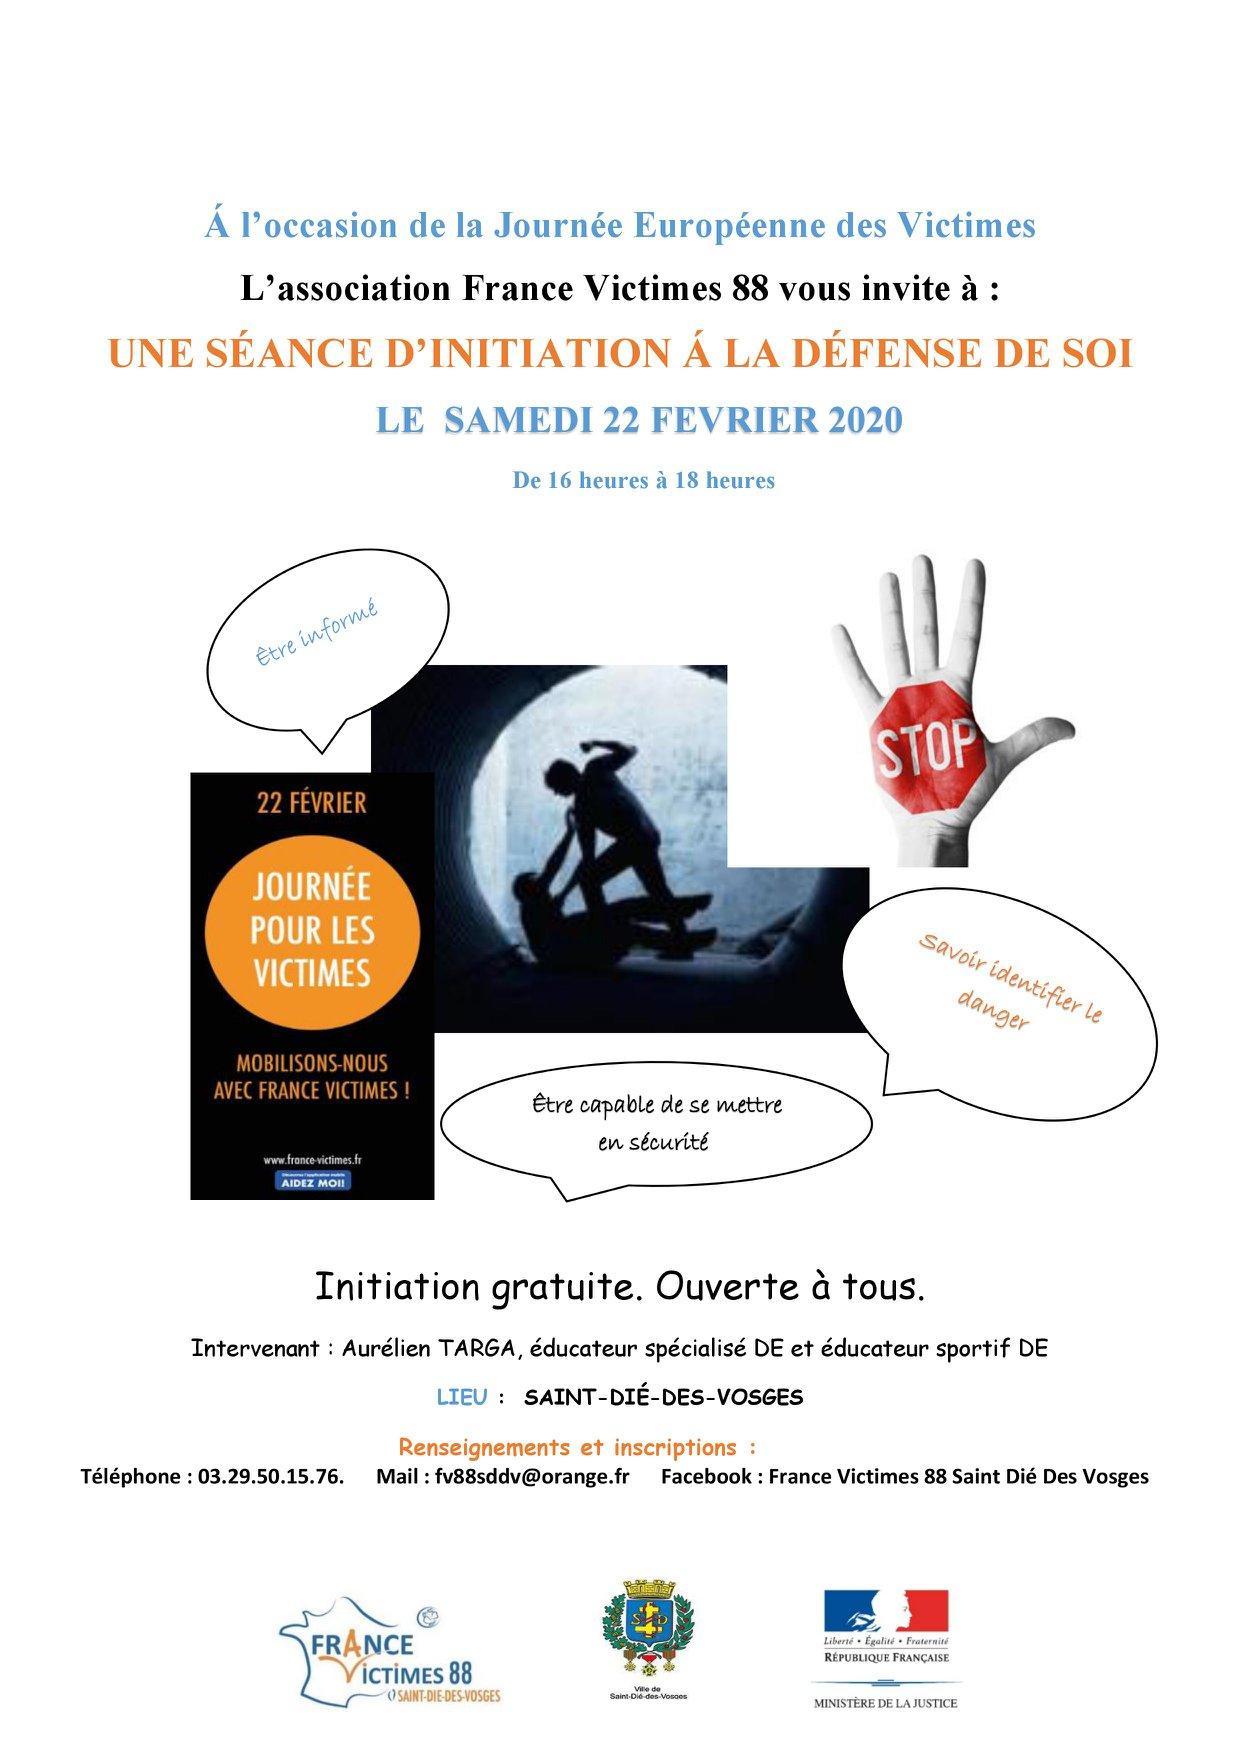 Séance d'initiation à la défense de soi avec France Victimes 88